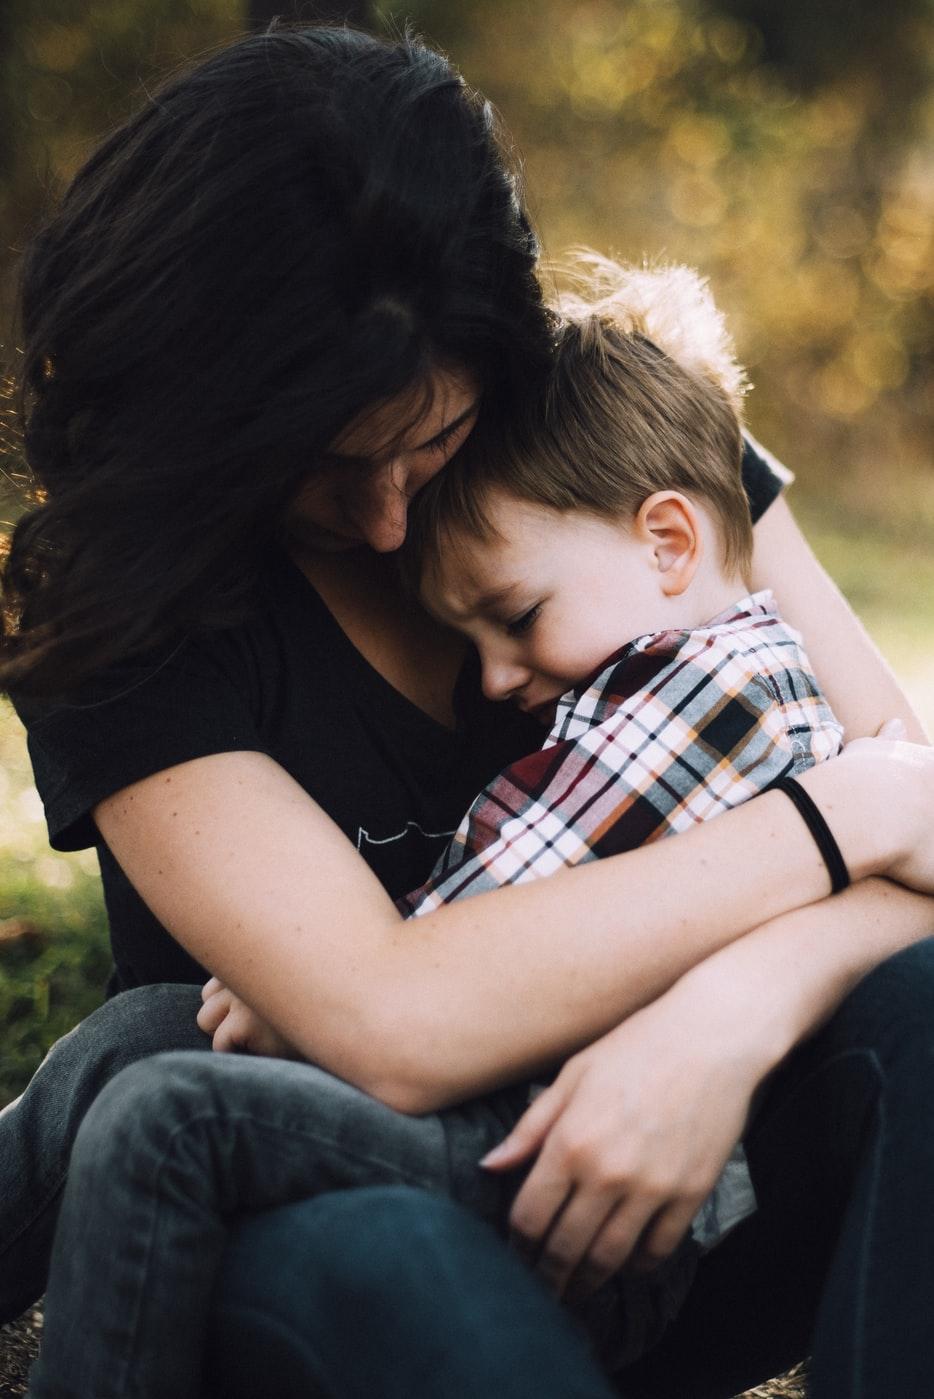 5 признаков того, что вы чрезмерно защищаете своего ребенка